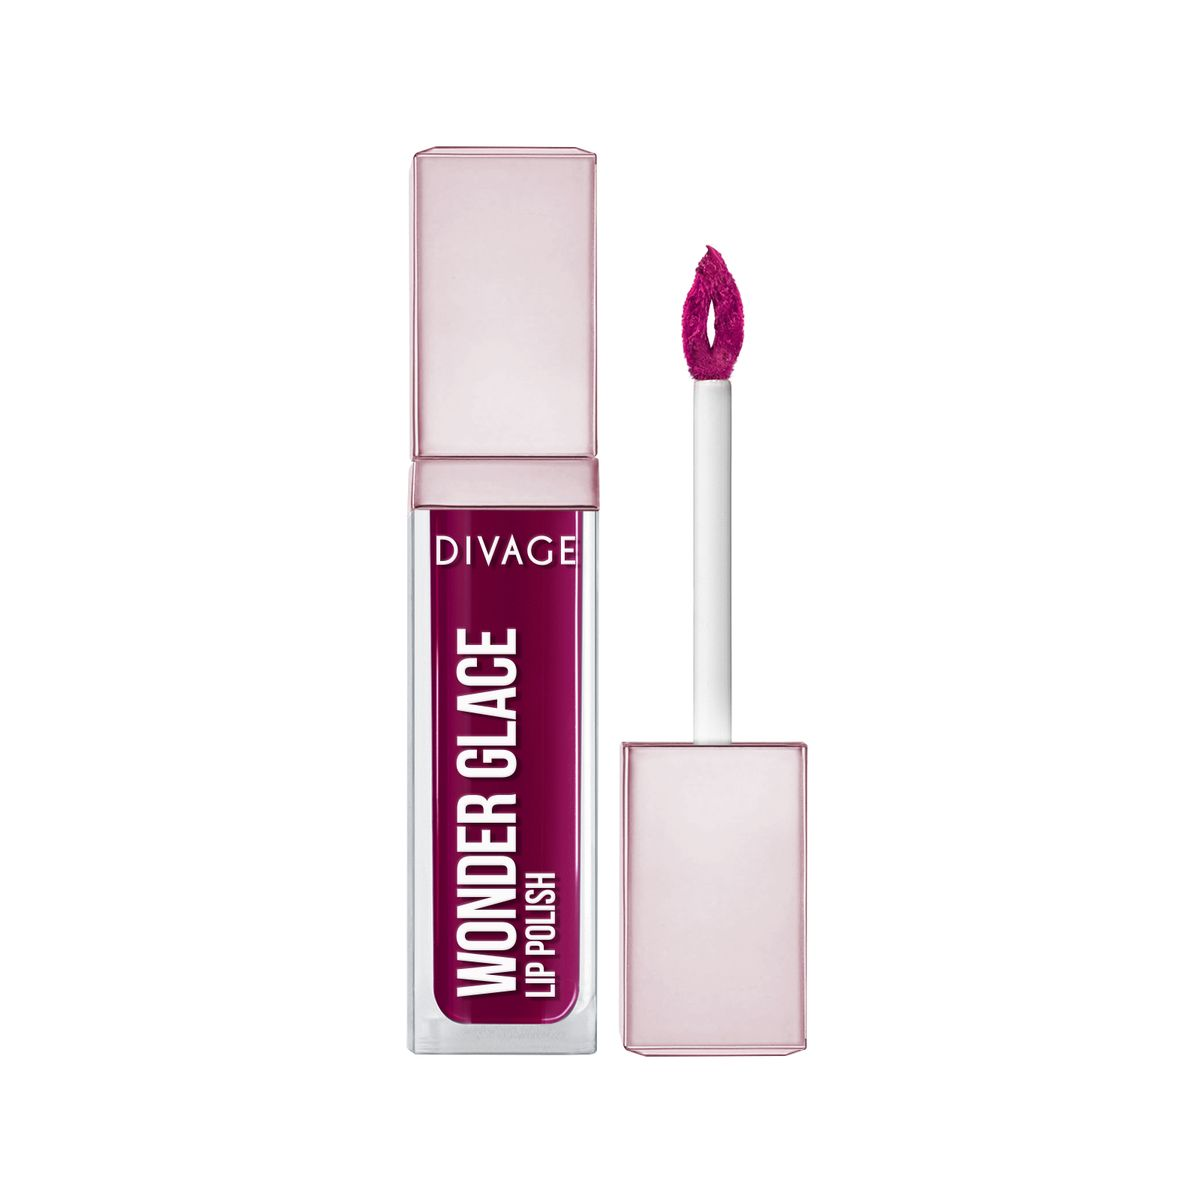 DIVAGE Лак для губ WONDER GLACE, тон № 08, 5 мл009349DIVAGE приготовил для тебя отличный подарок - лак для губ с инновационной формулой, которая придает глубокий и насыщенный цвет.Роскошное глянцевое сияние на твоих губах сделает макияж особенным и неповторимым. 8 самых актуальных оттенков, чтобы ты могла выглядеть ярко и привлекательно в любой ситуации. Особая форма аппликатора позволяет идеально прокрашивать губы и делает нанесение более комфортным. Лак не только смотрится ярко, но и увлажняет и защищает твои губы. Будь самой неповторимой этой весной и восхищай всех роскошным блеском и невероятно насыщенным цветом с лаком для губ «WONDER GLACE» от DIVAGE!